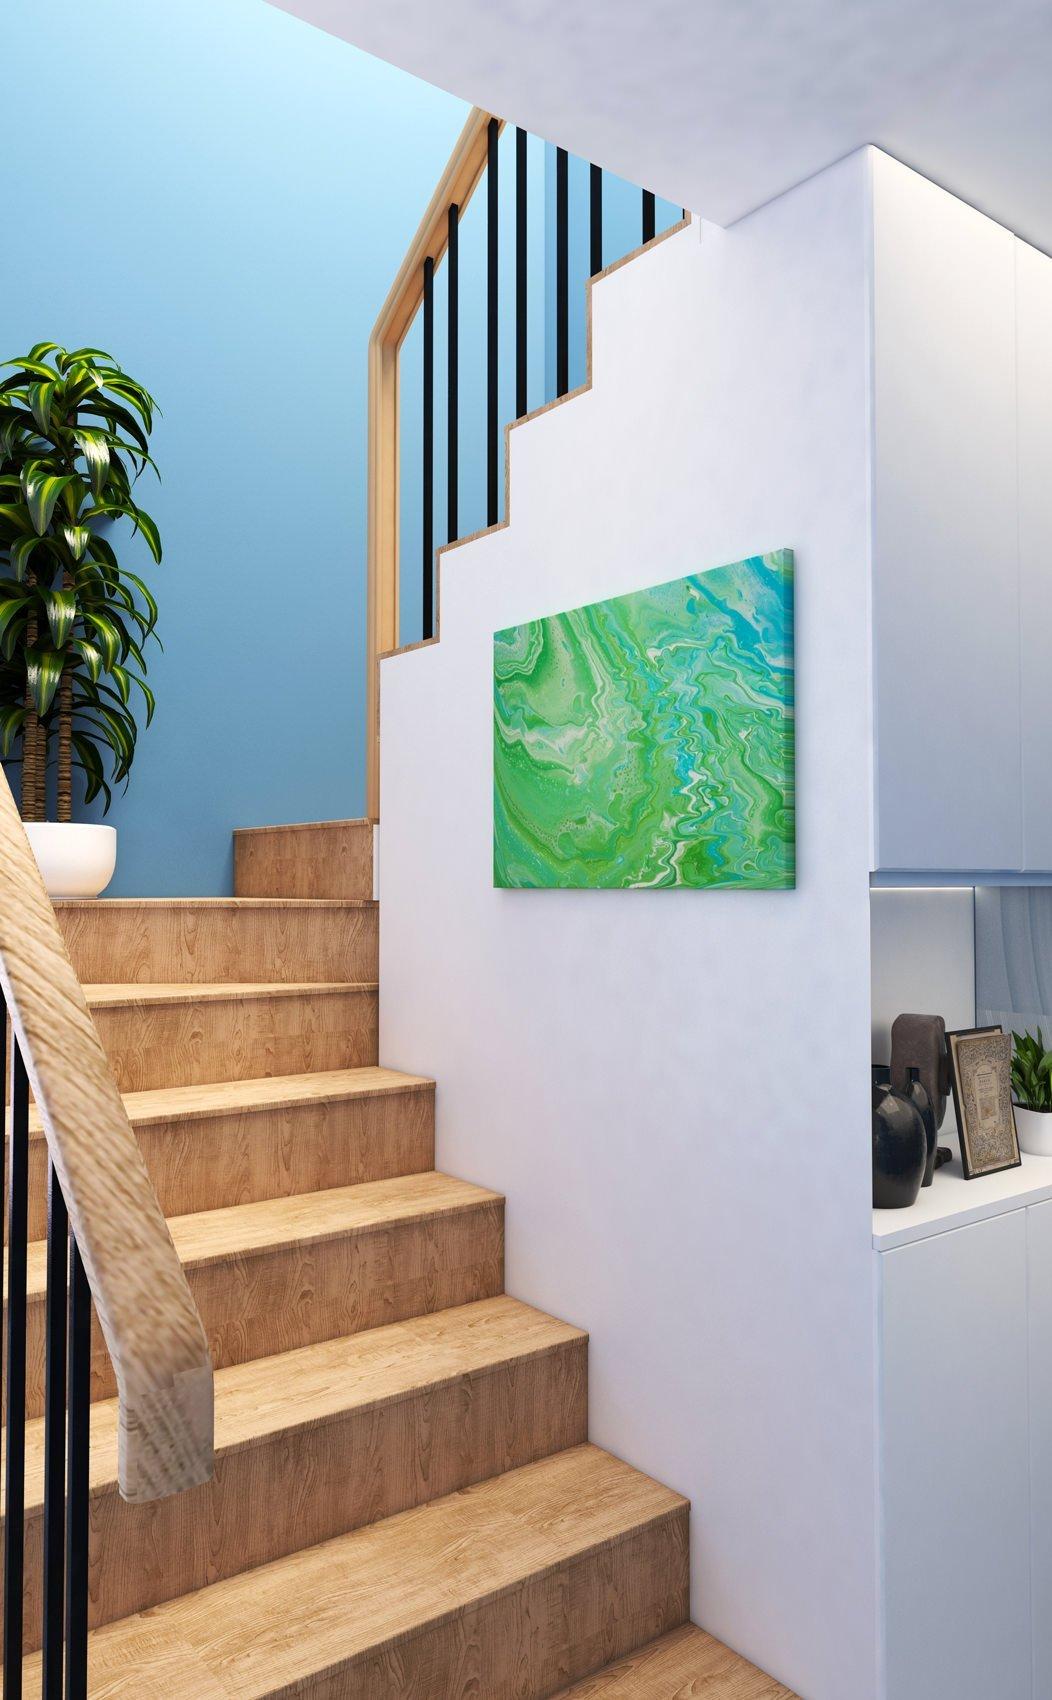 Abstrakt Bild Die Insel malerei abstrakte kunst